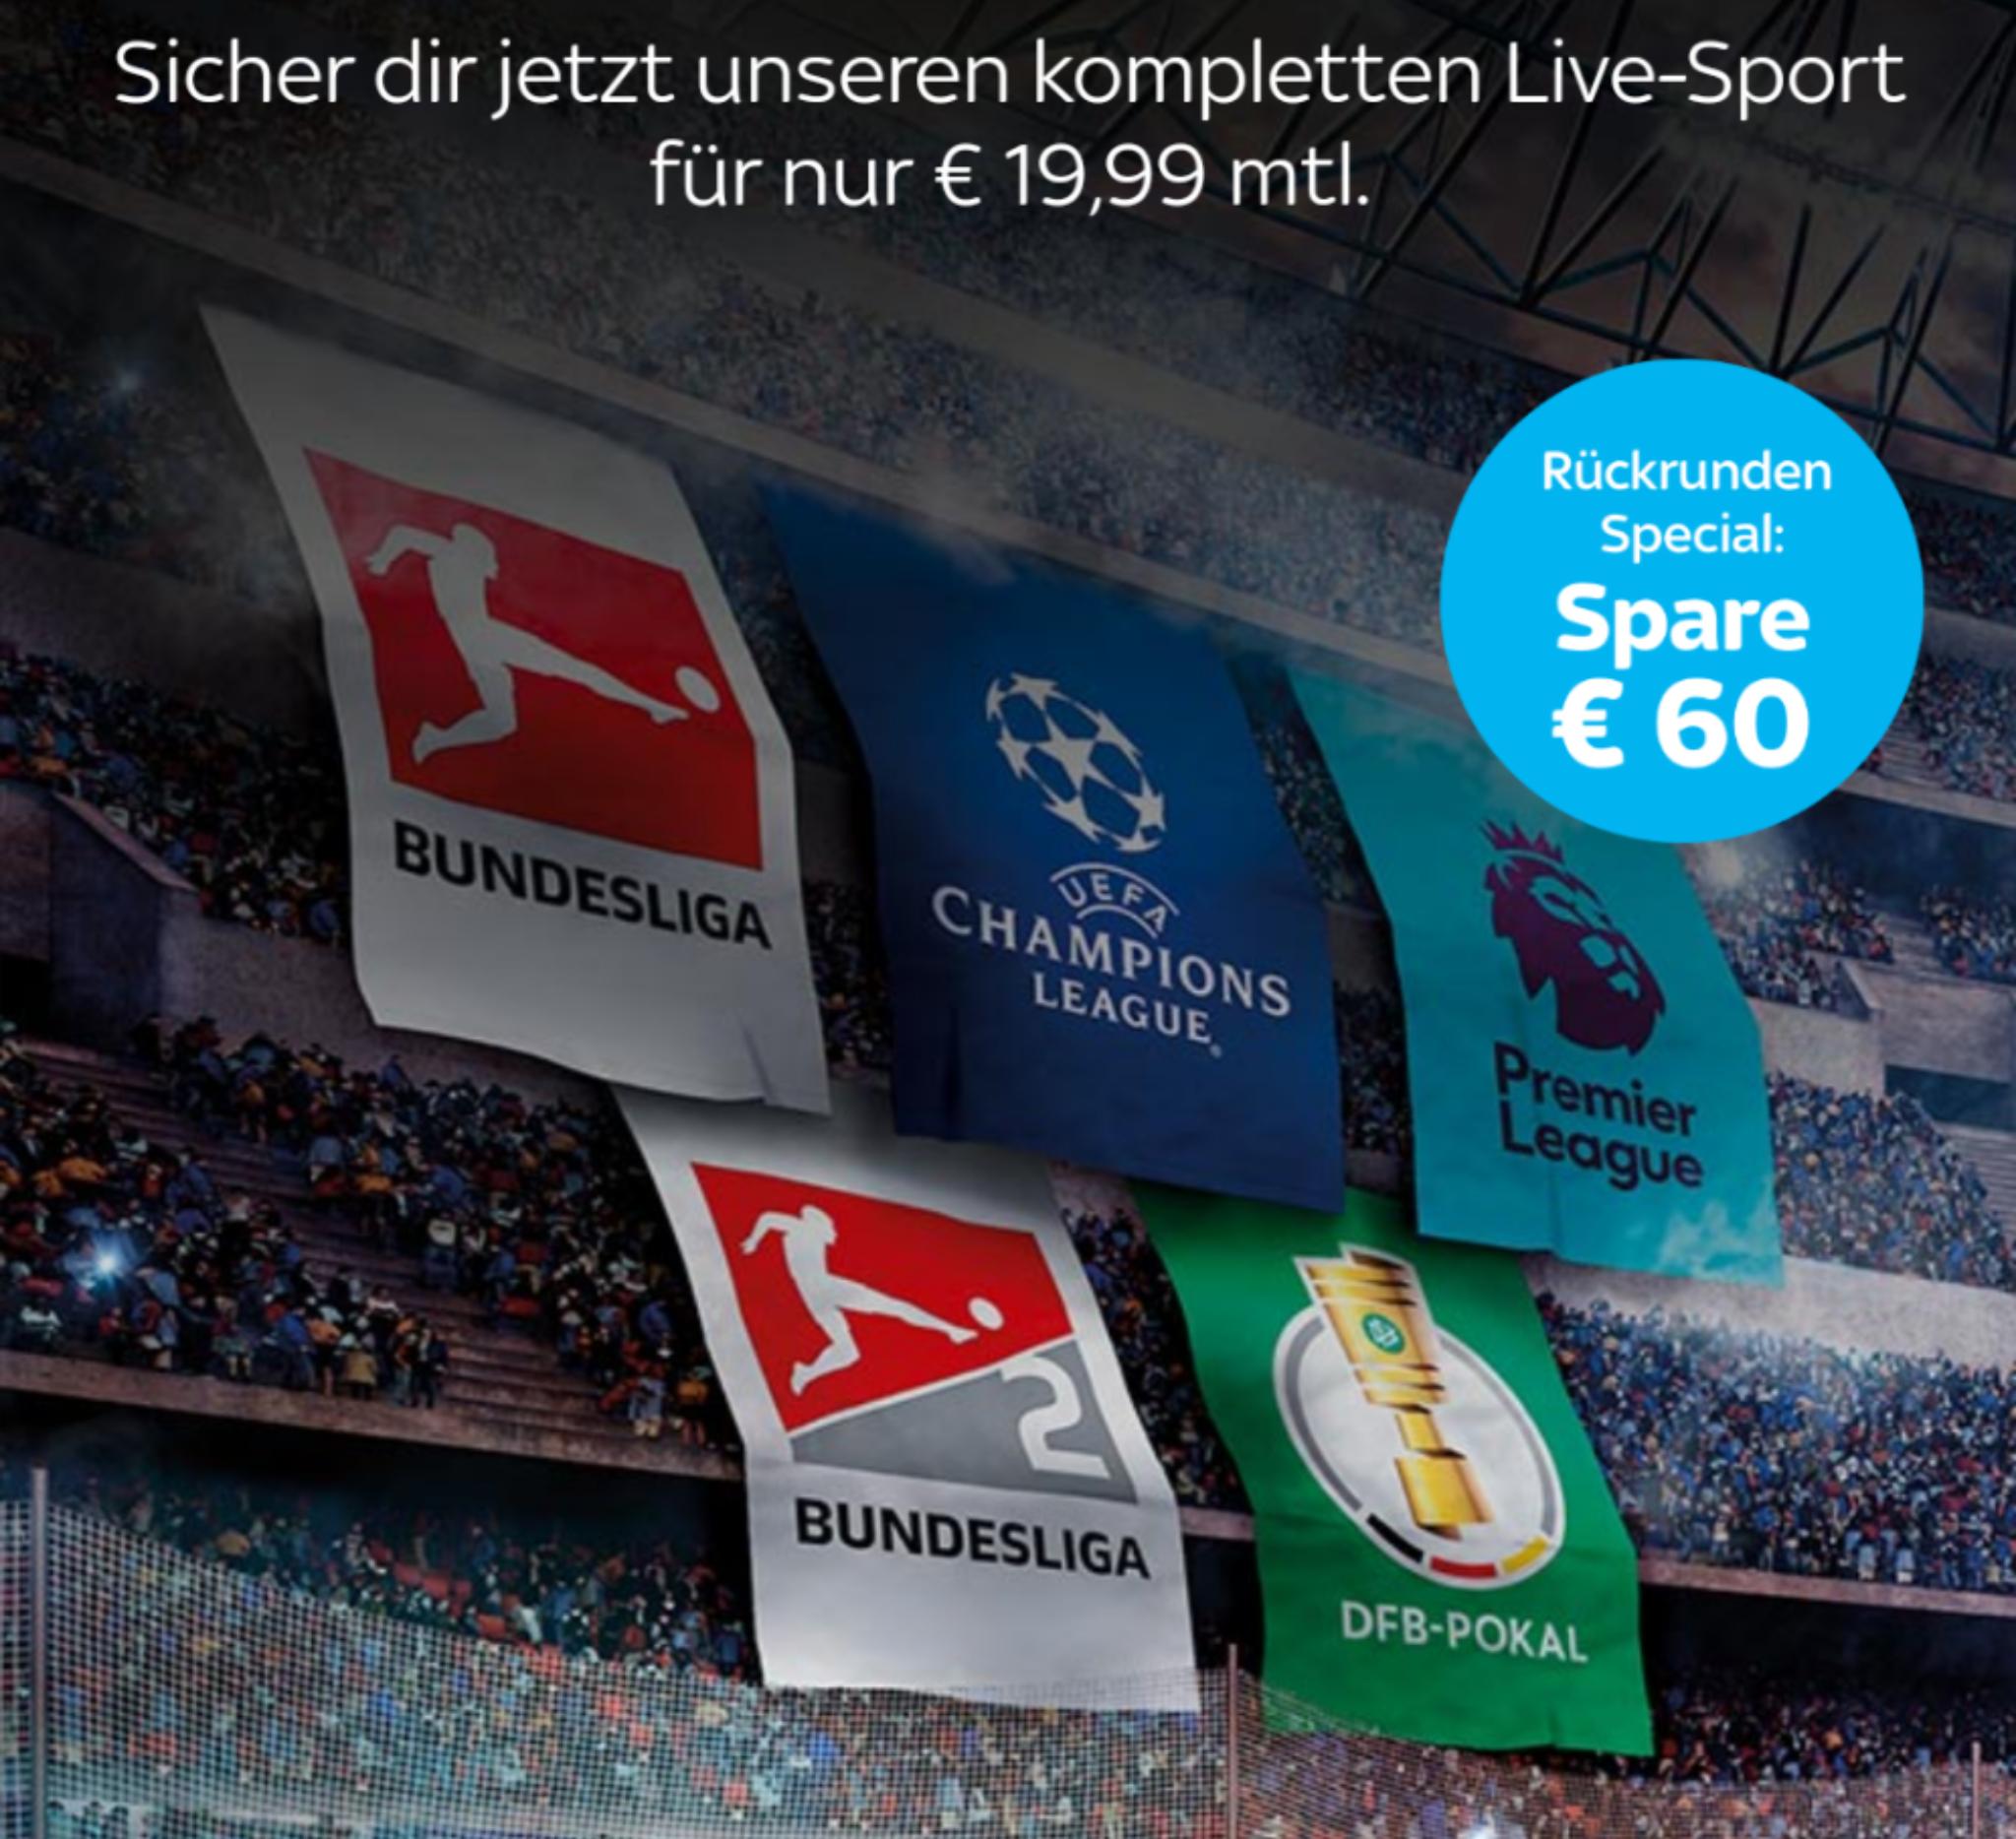 Sky Ticket Supersport 6 Monate für 19,99 mtl. [Neukunden]